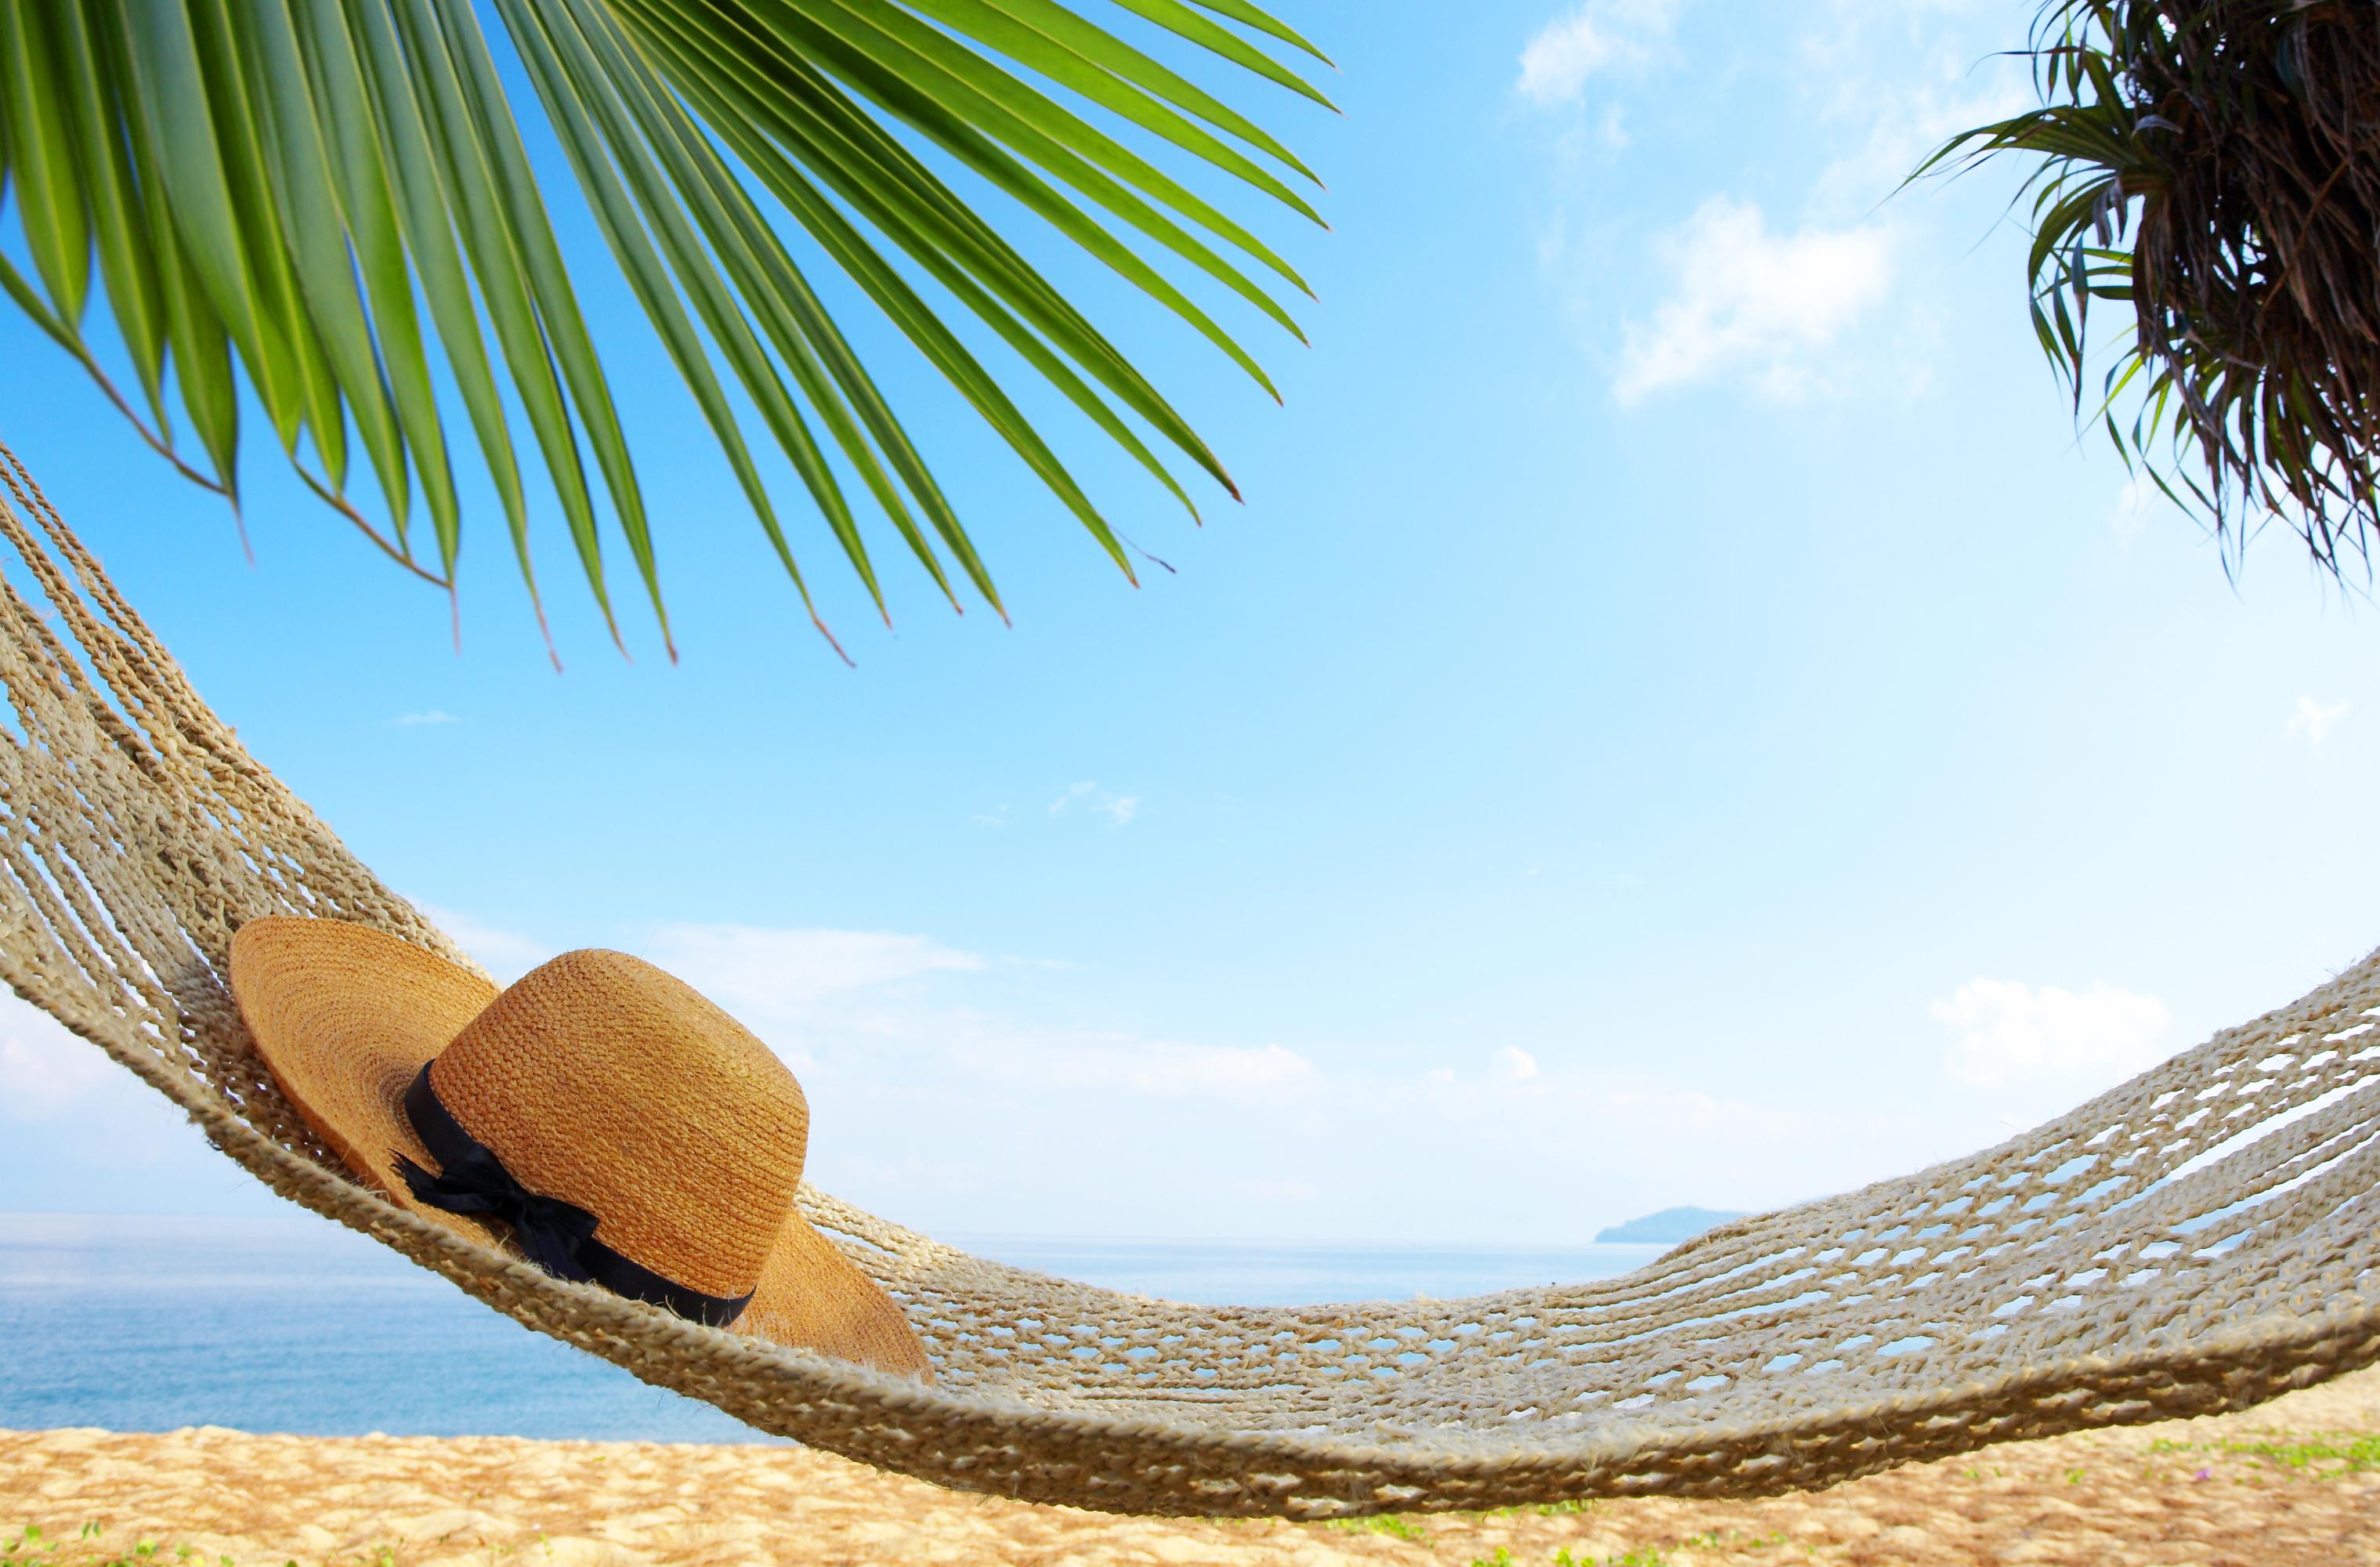 Vacances la mer - Toutes les annonces de location vacances la